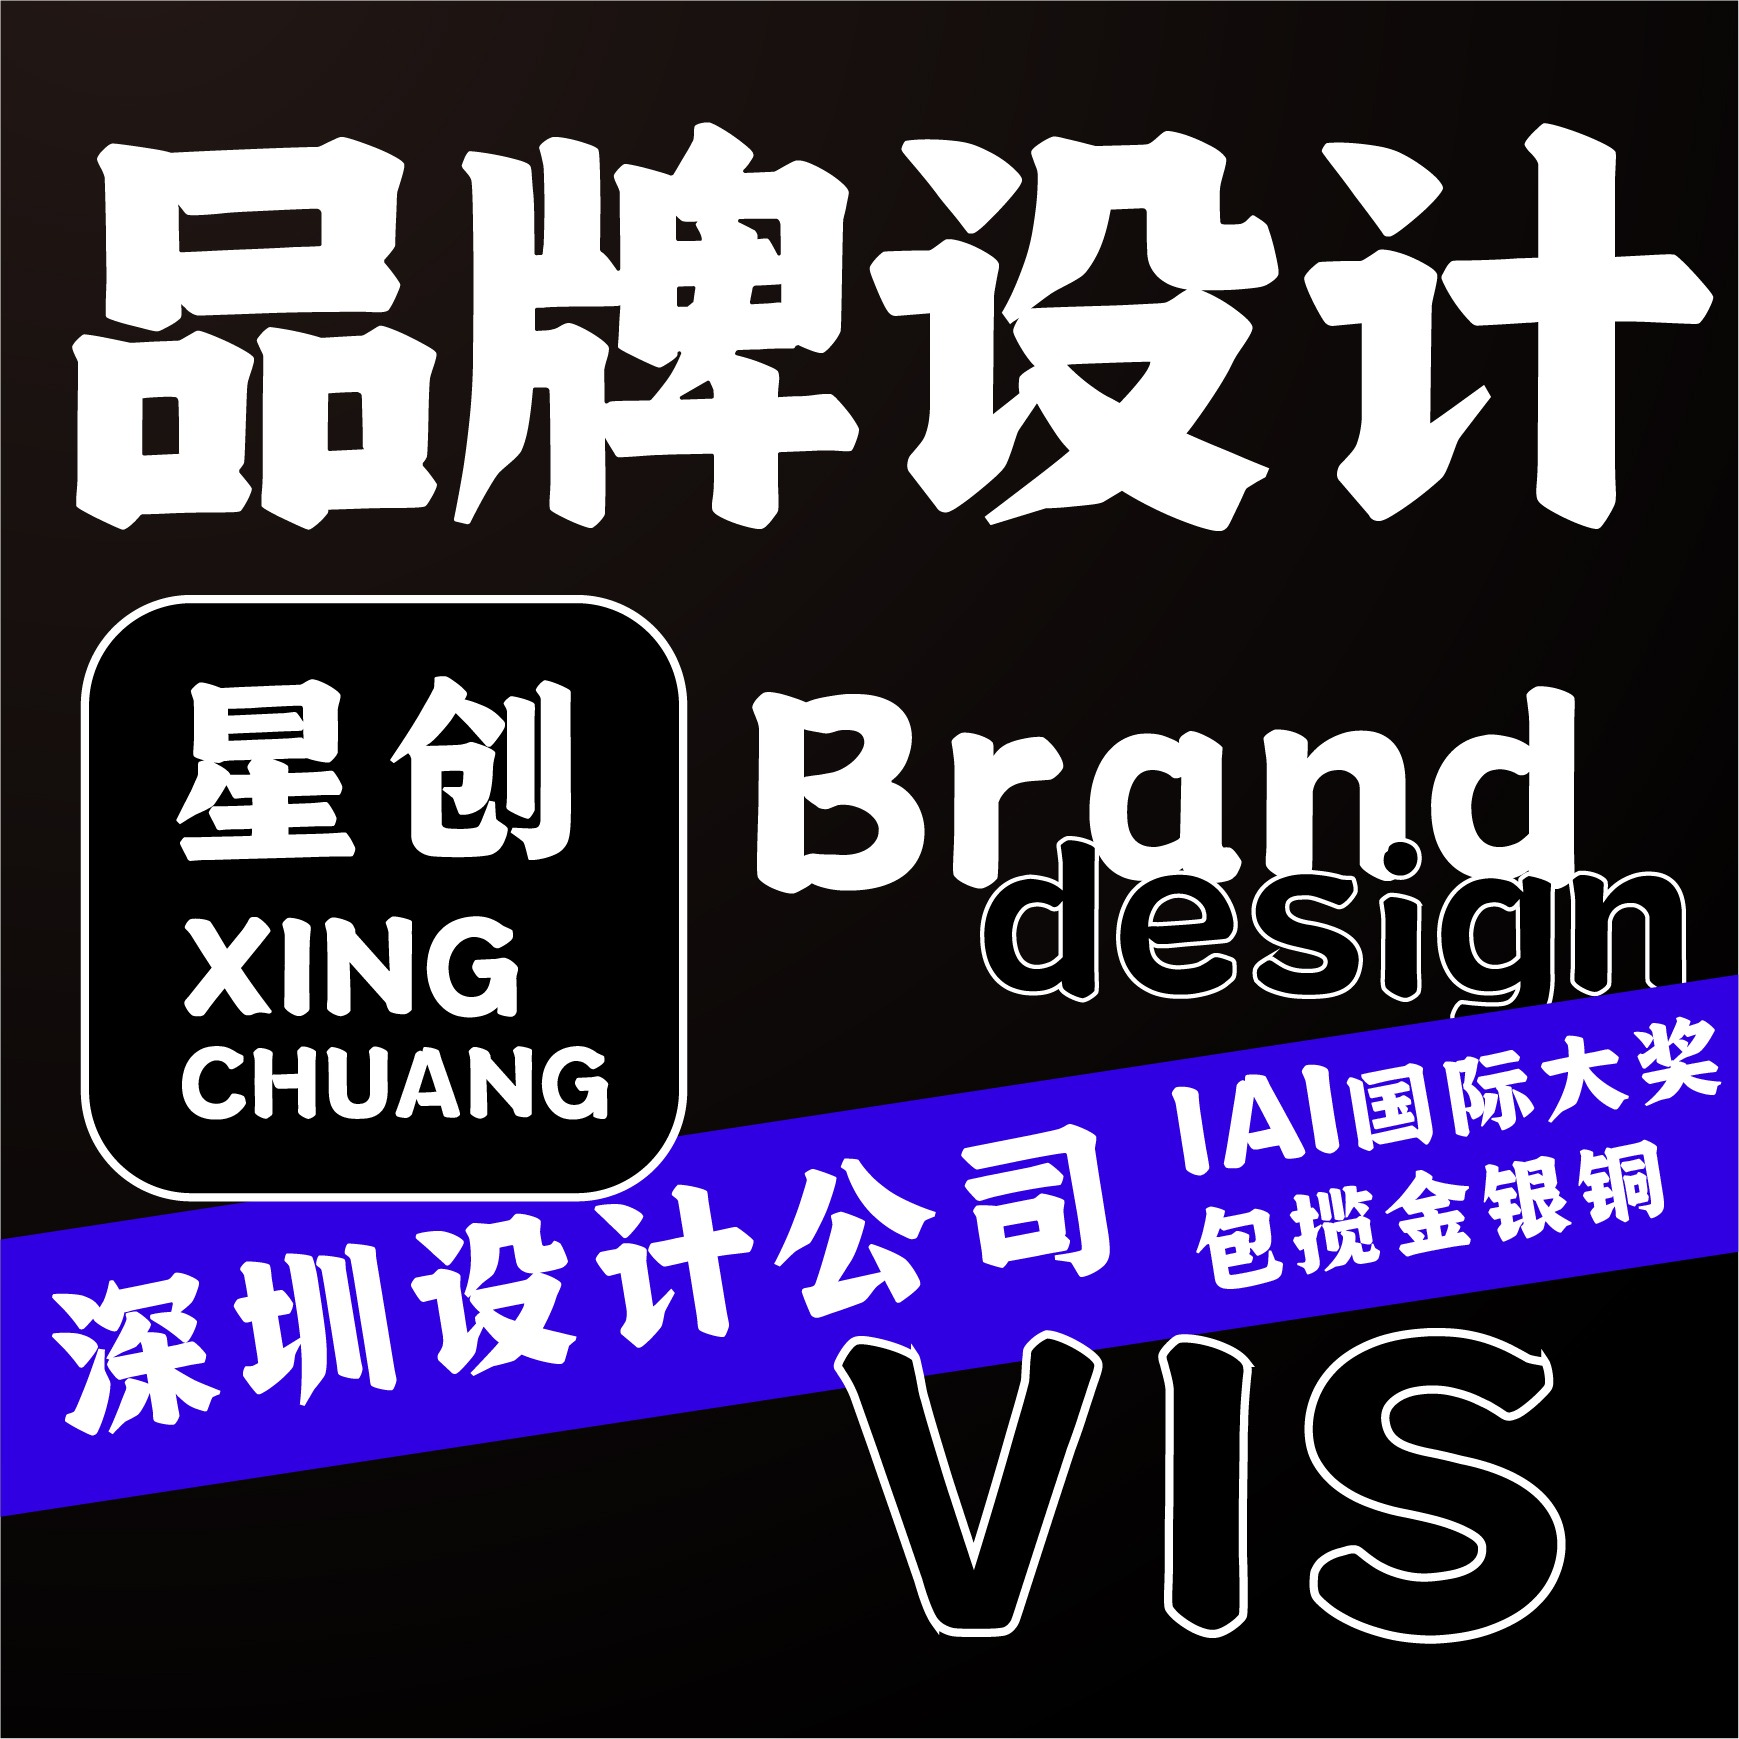 公司VI设计 品牌 升级VI全案策划VI设计深圳设计【包满意】